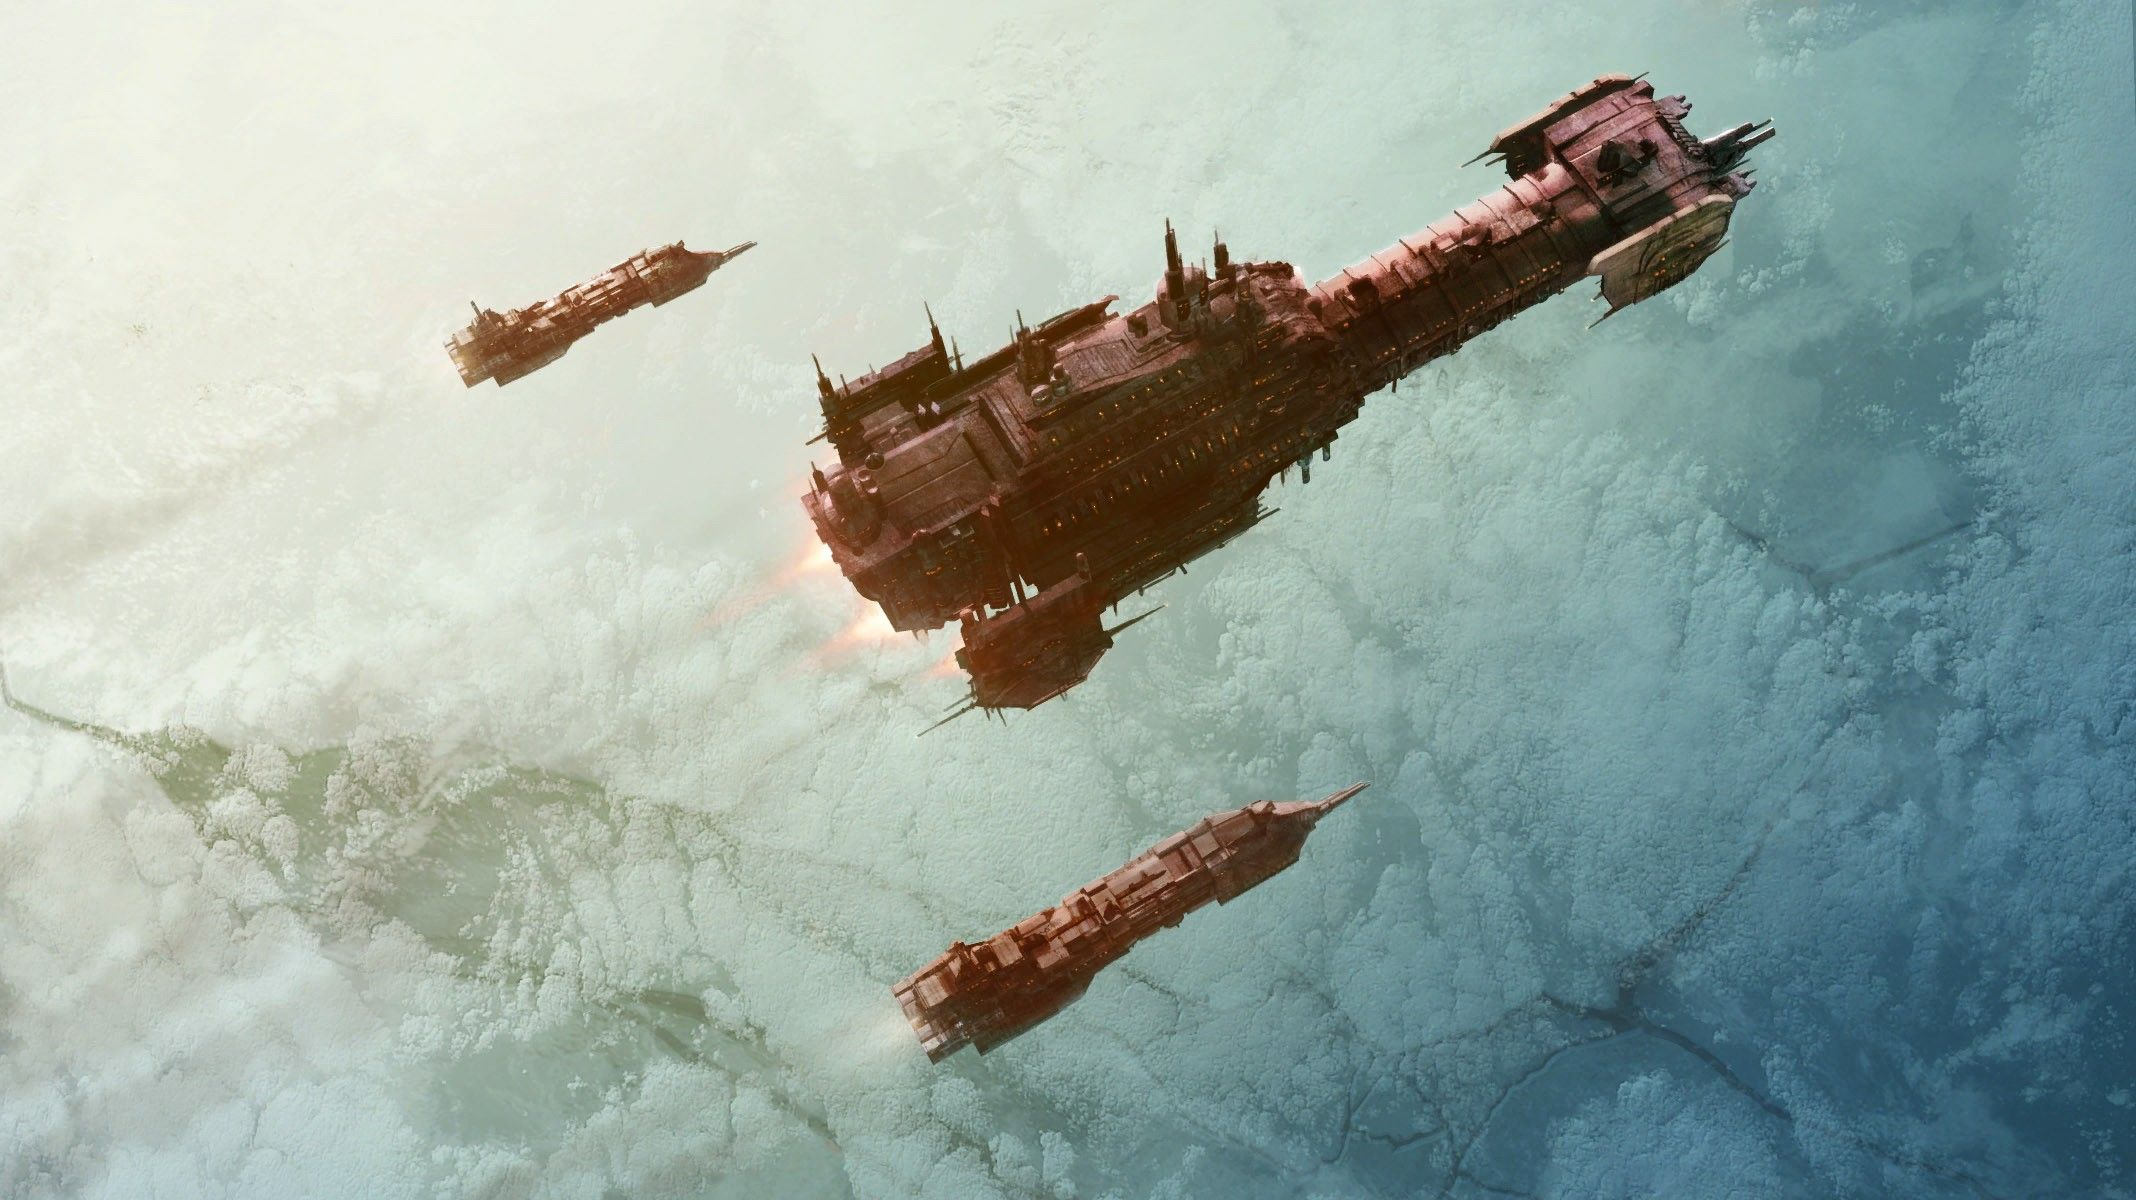 Space Marines artwork Battlefleet Gothic Warhammer 40,000